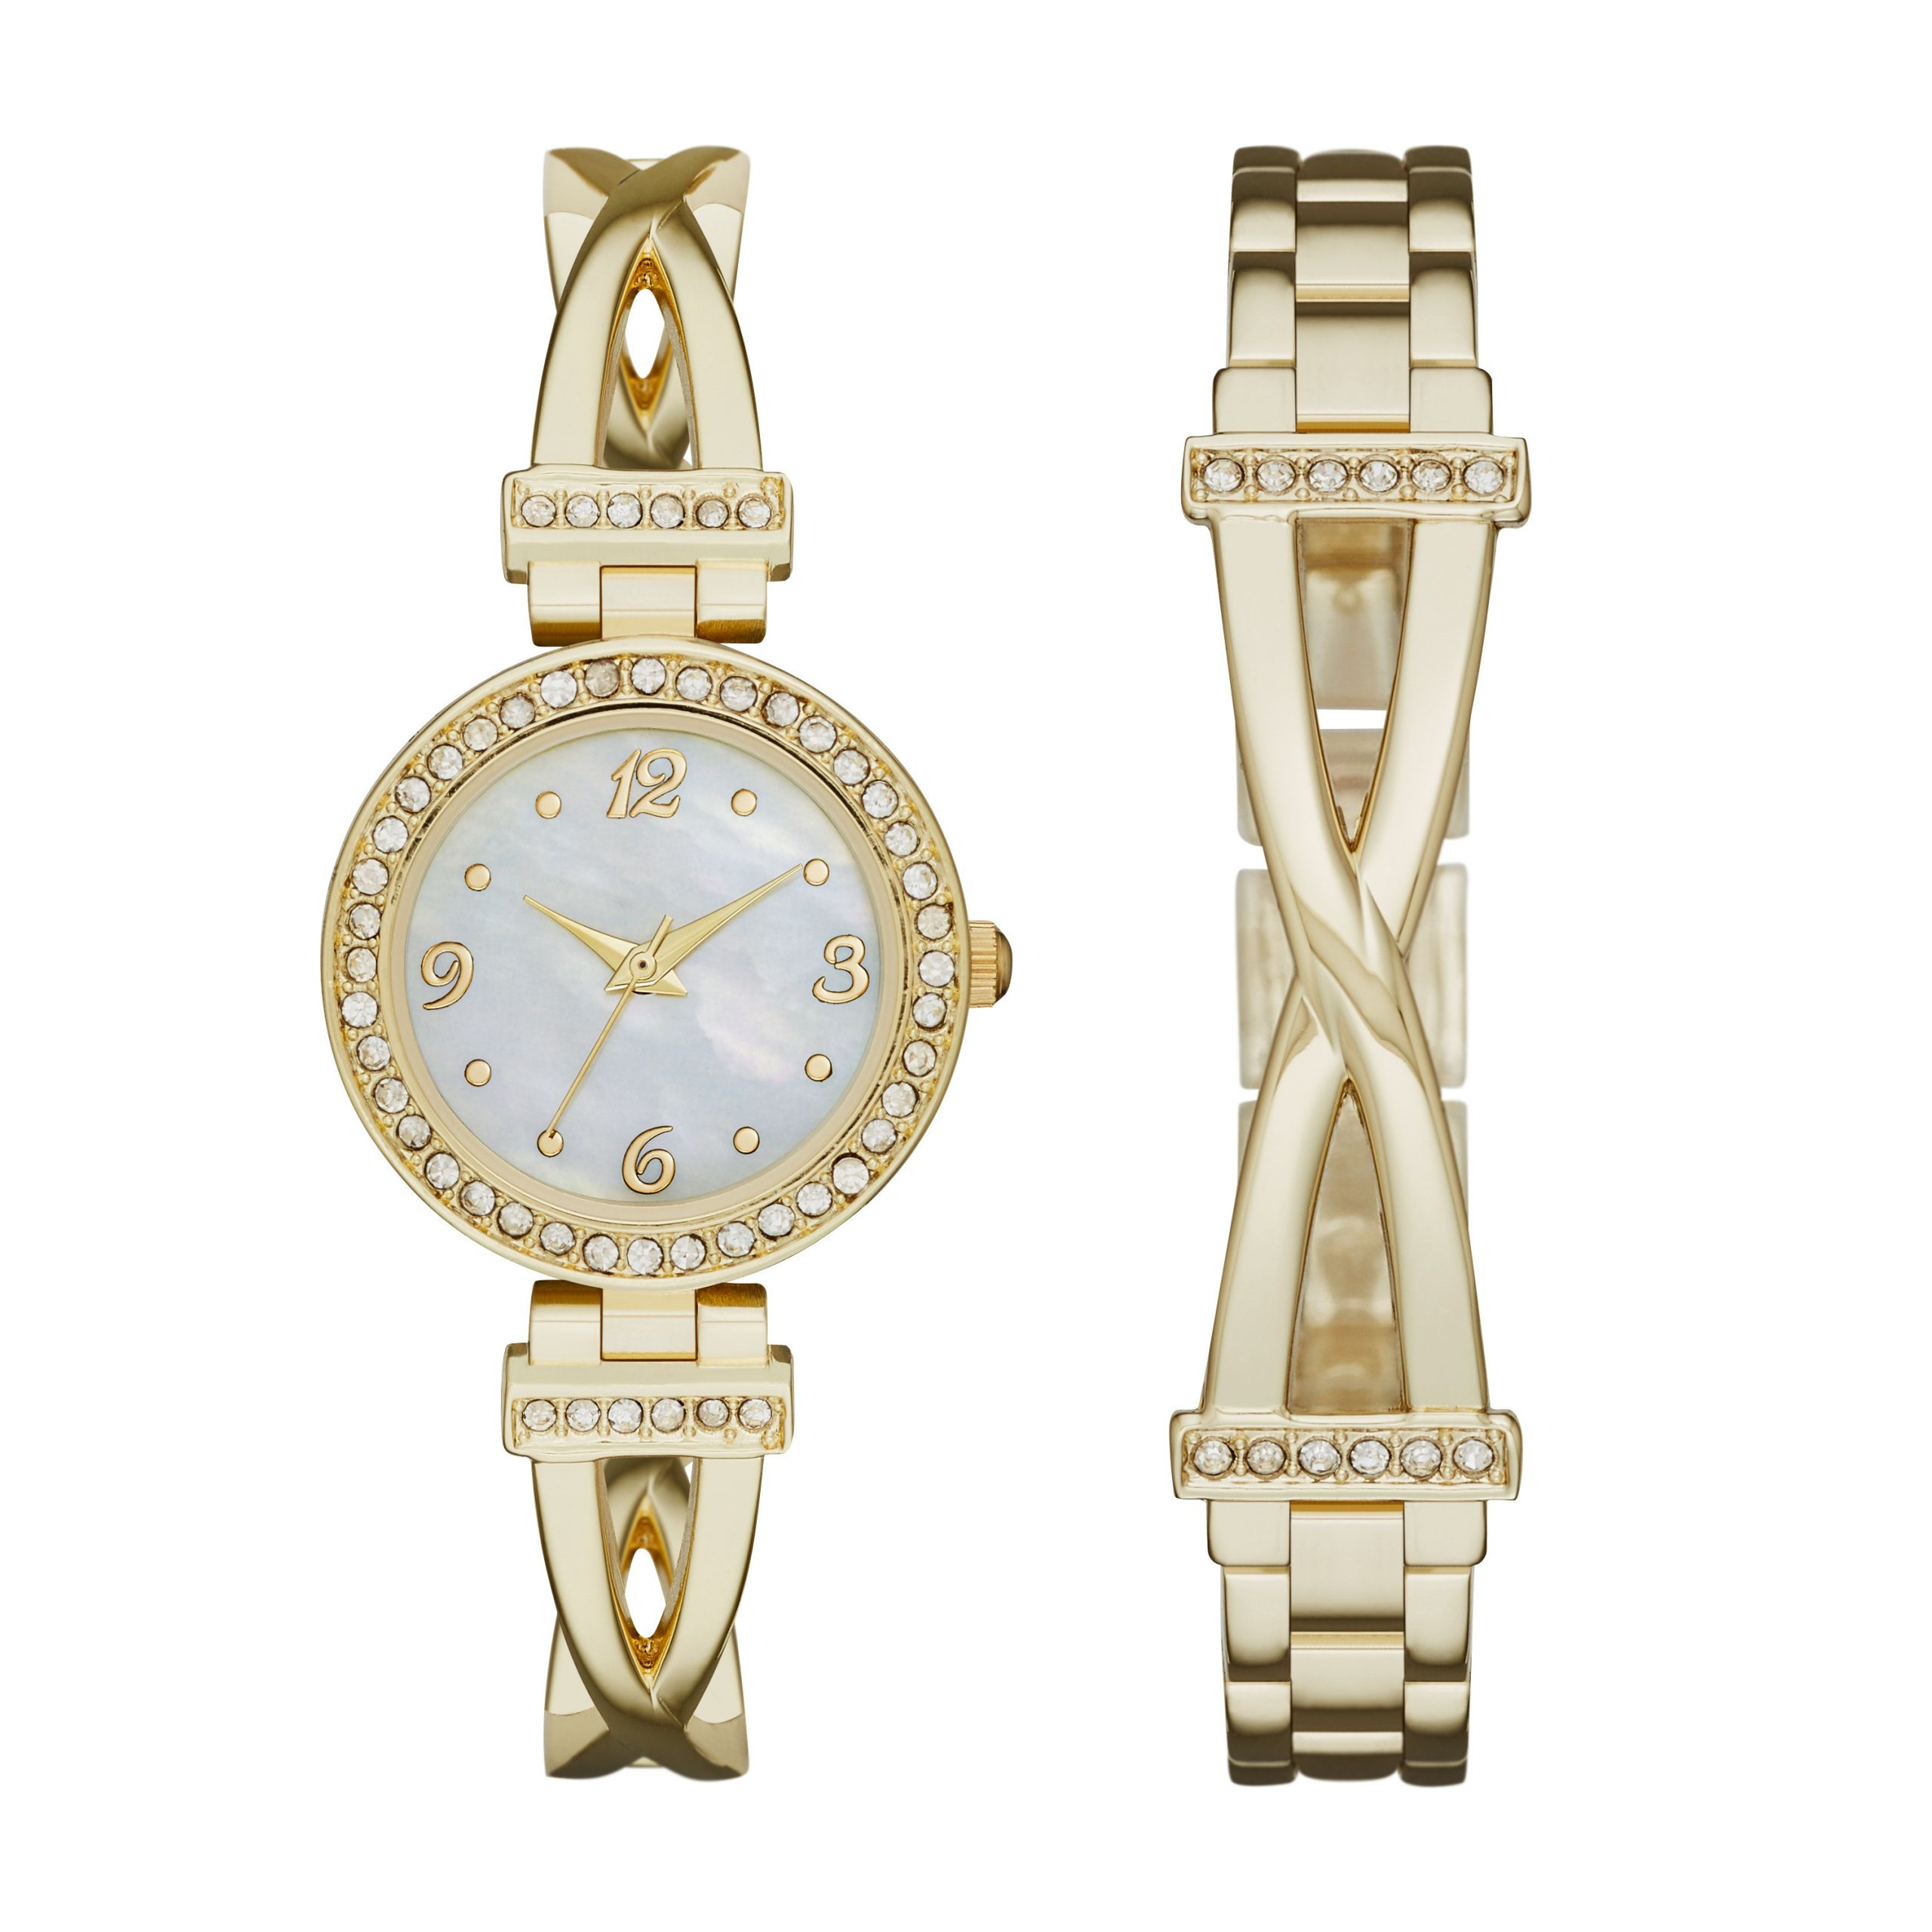 Bracelet And Watch Set  La s Goldtone Bracelet Watch Set Jewelry Watches